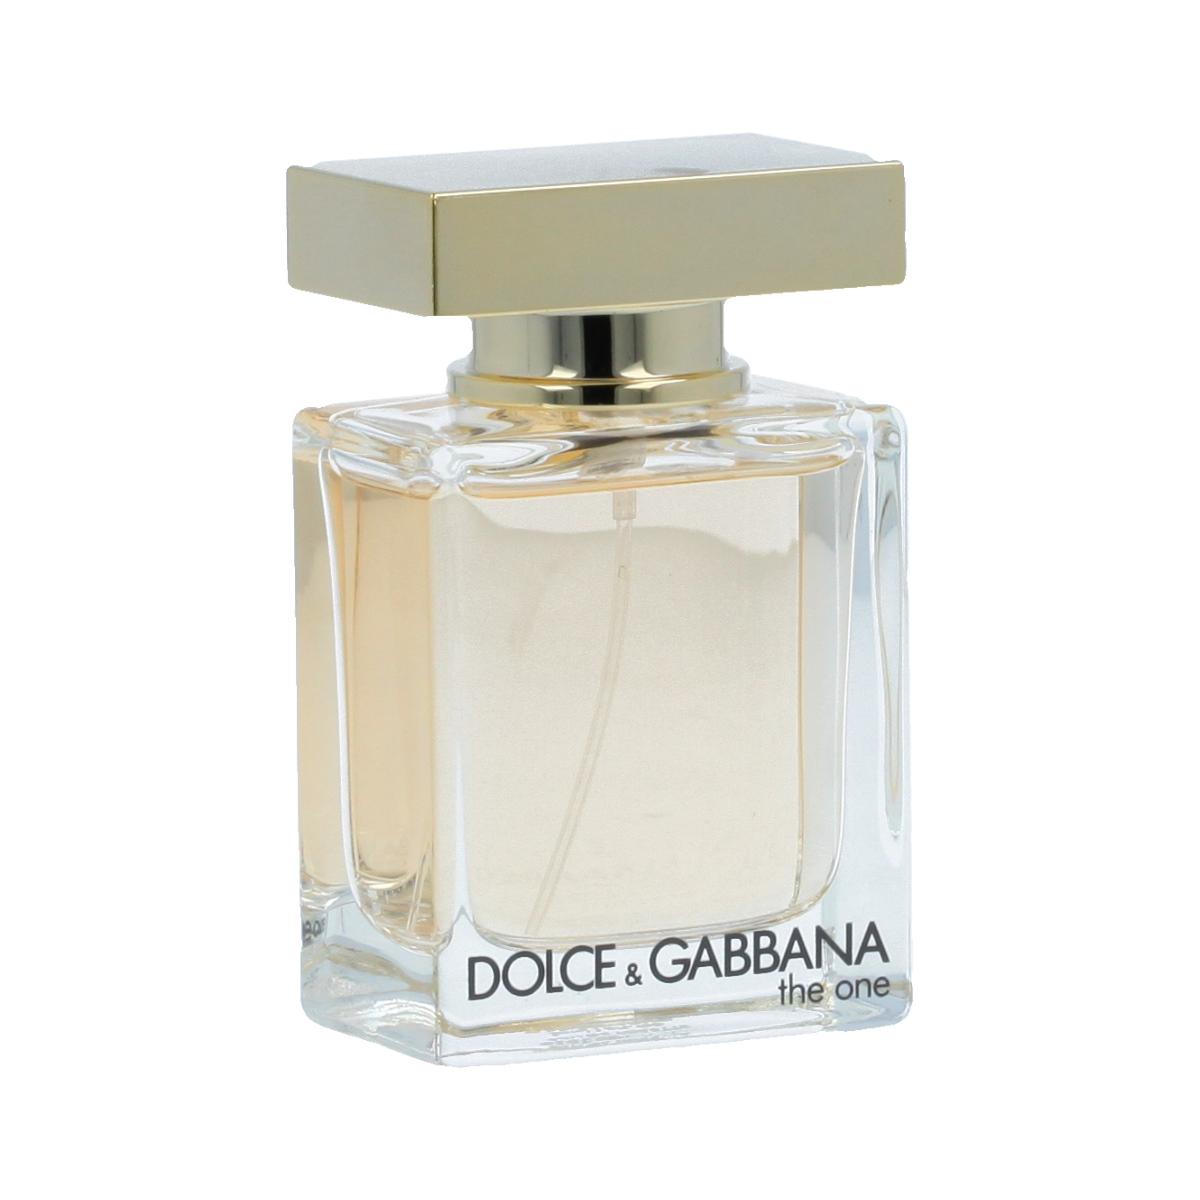 Dolce & Gabbana The One EDT 50 ml W